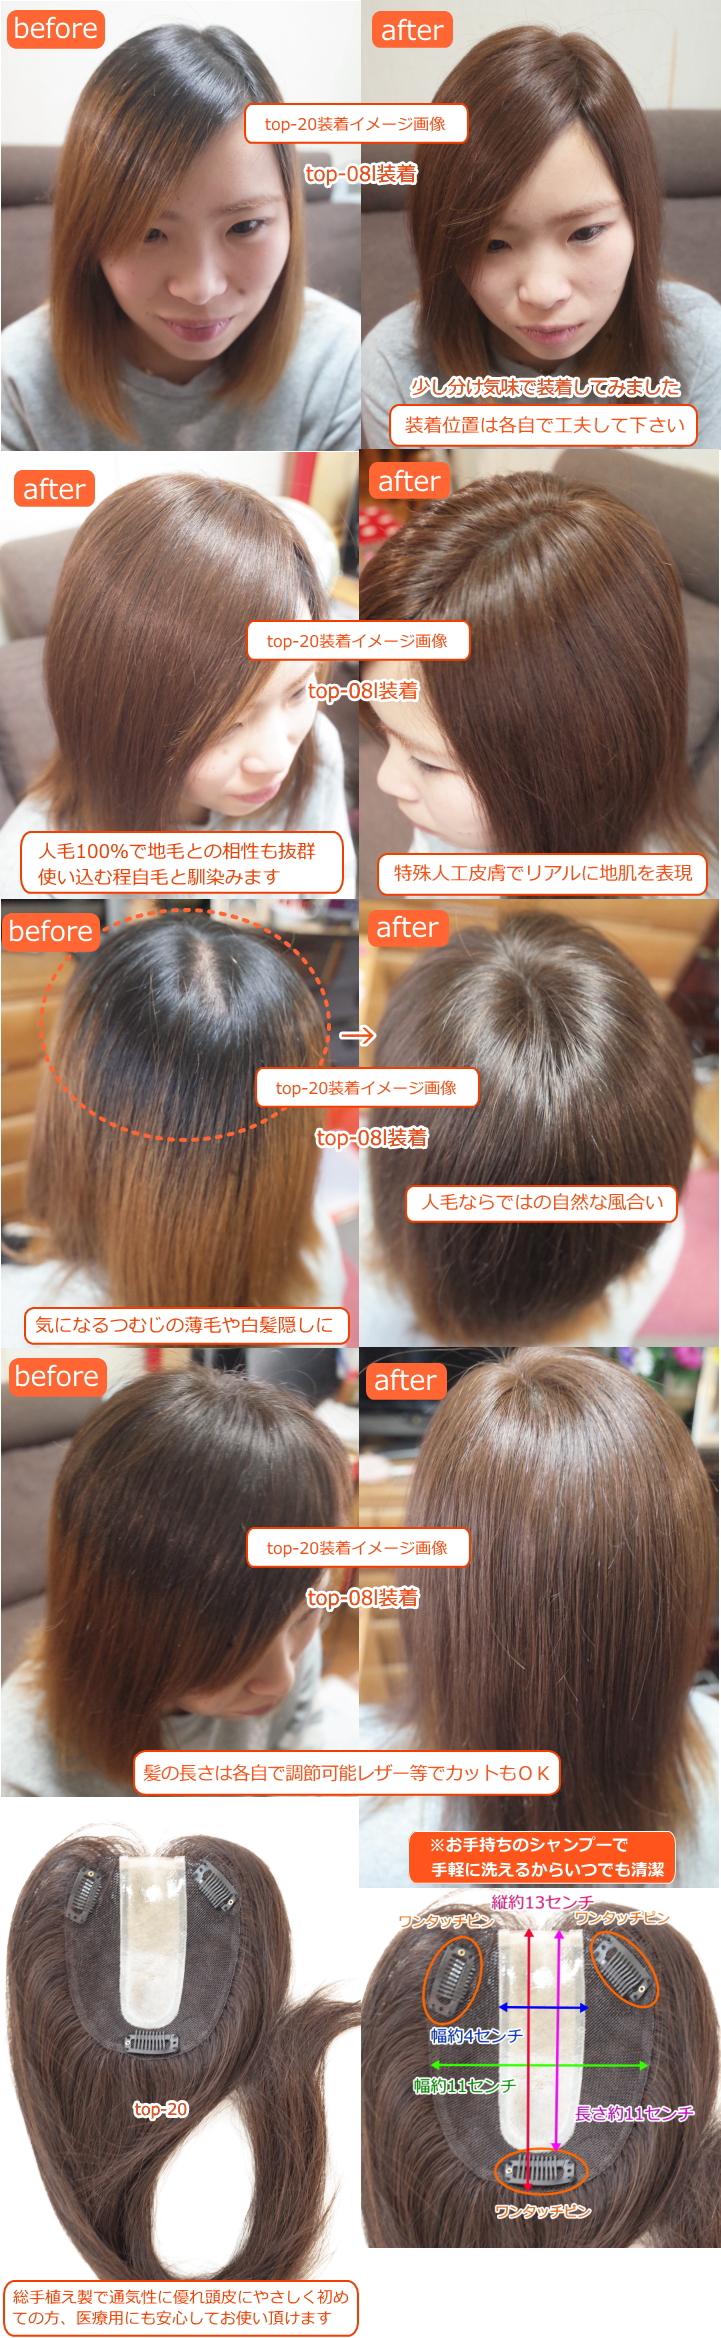 女性用人毛部分ウィッグ ロング40センチ 大き目幅広Lサイズ 取り付けiイメージ画像&商品詳細画像